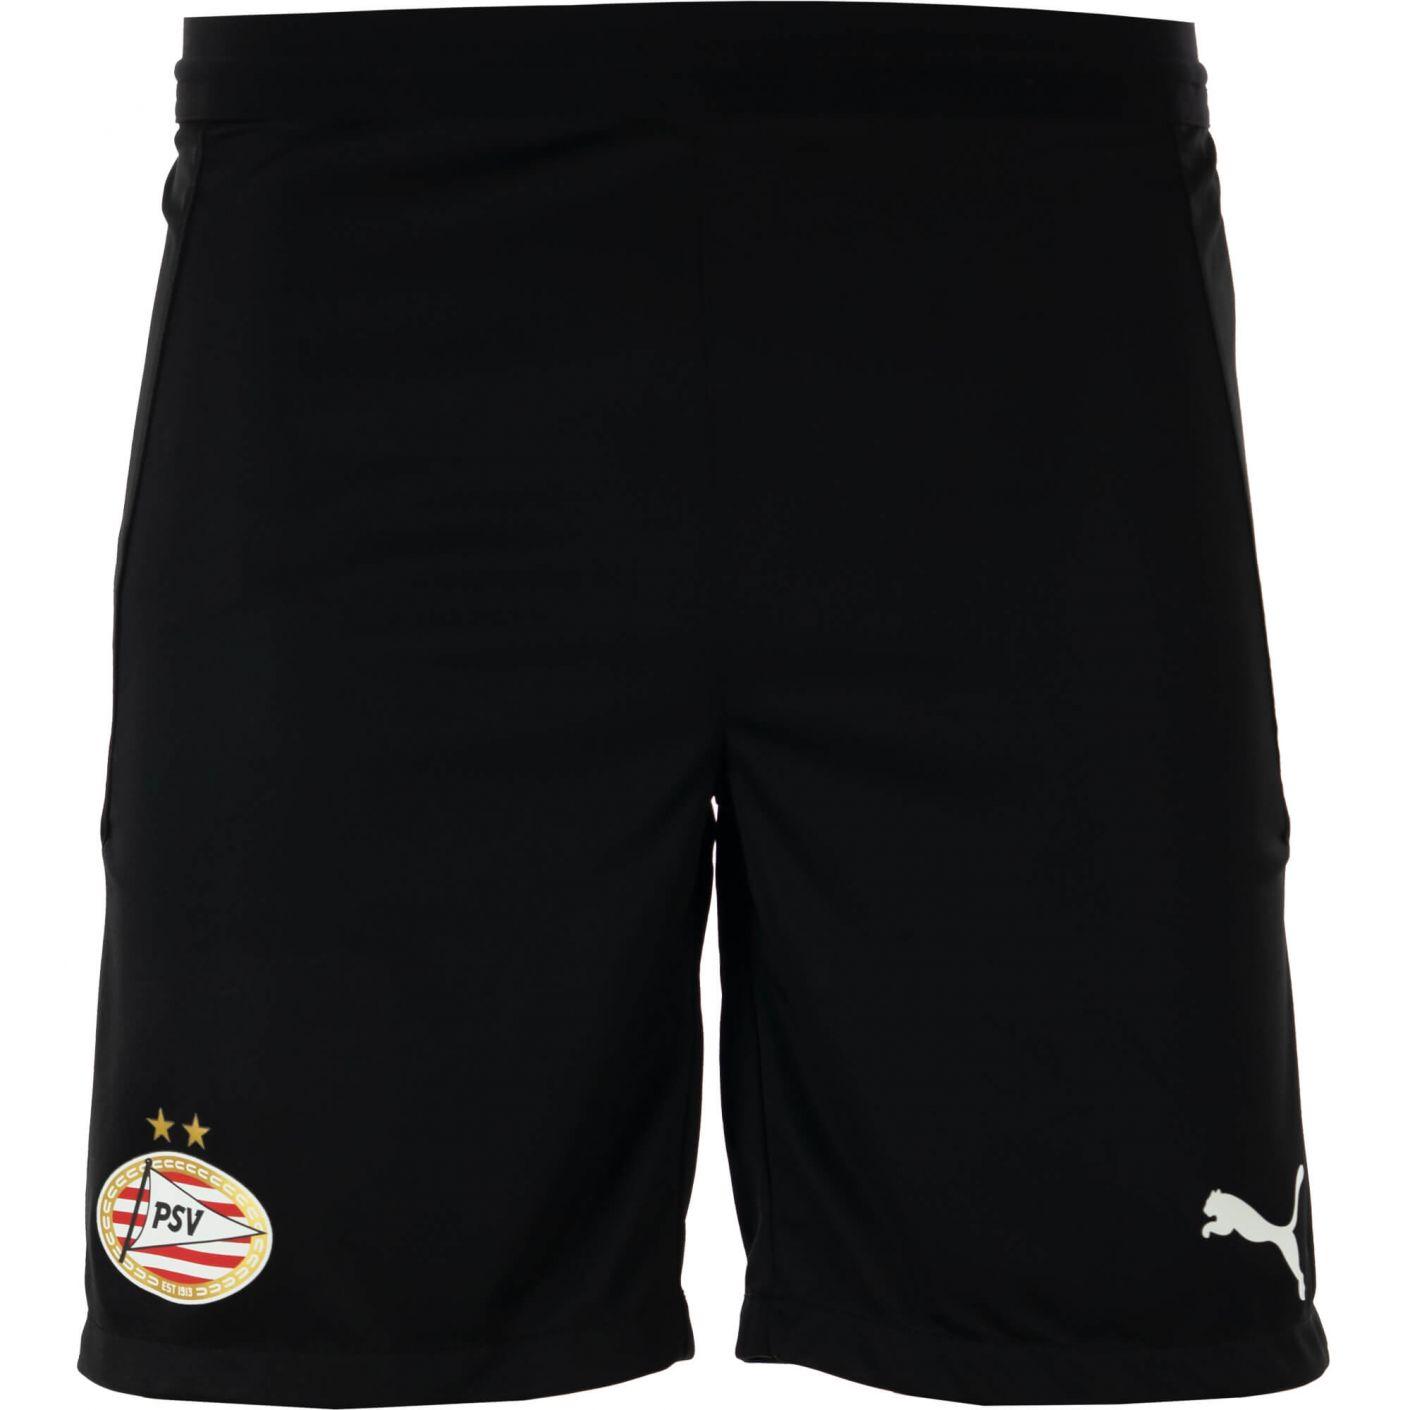 PSV Keepersshort JR Zwart 21/22